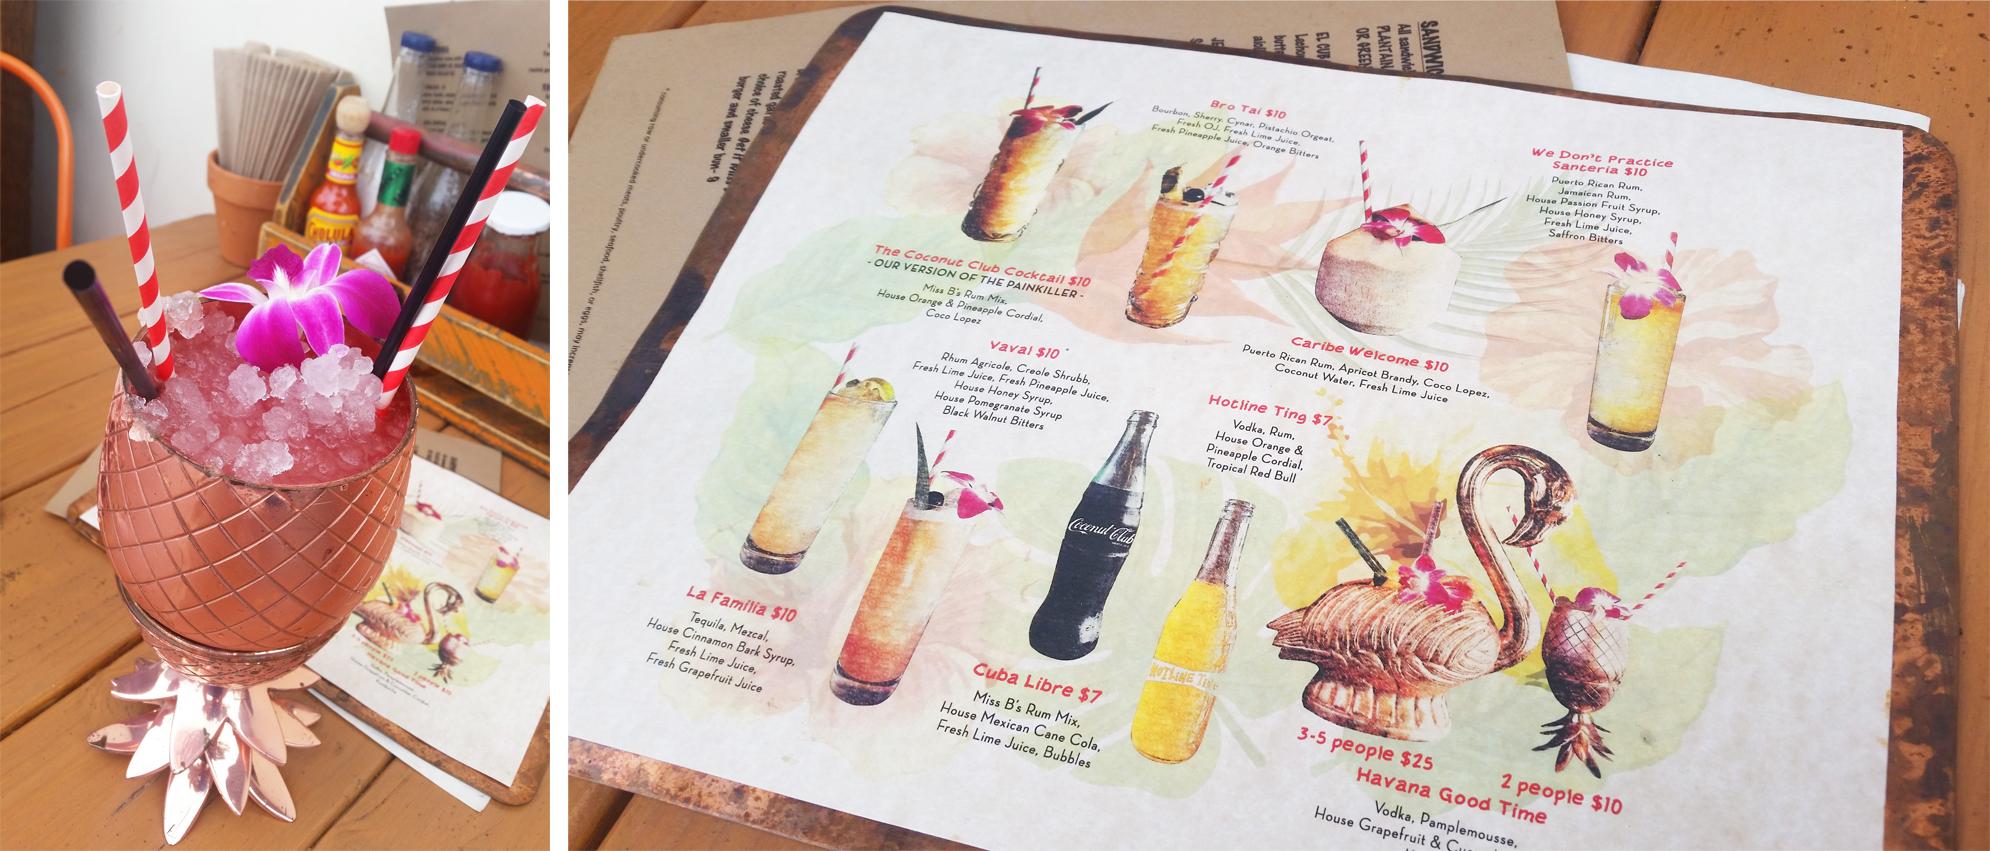 Miss B's Coconut Bar